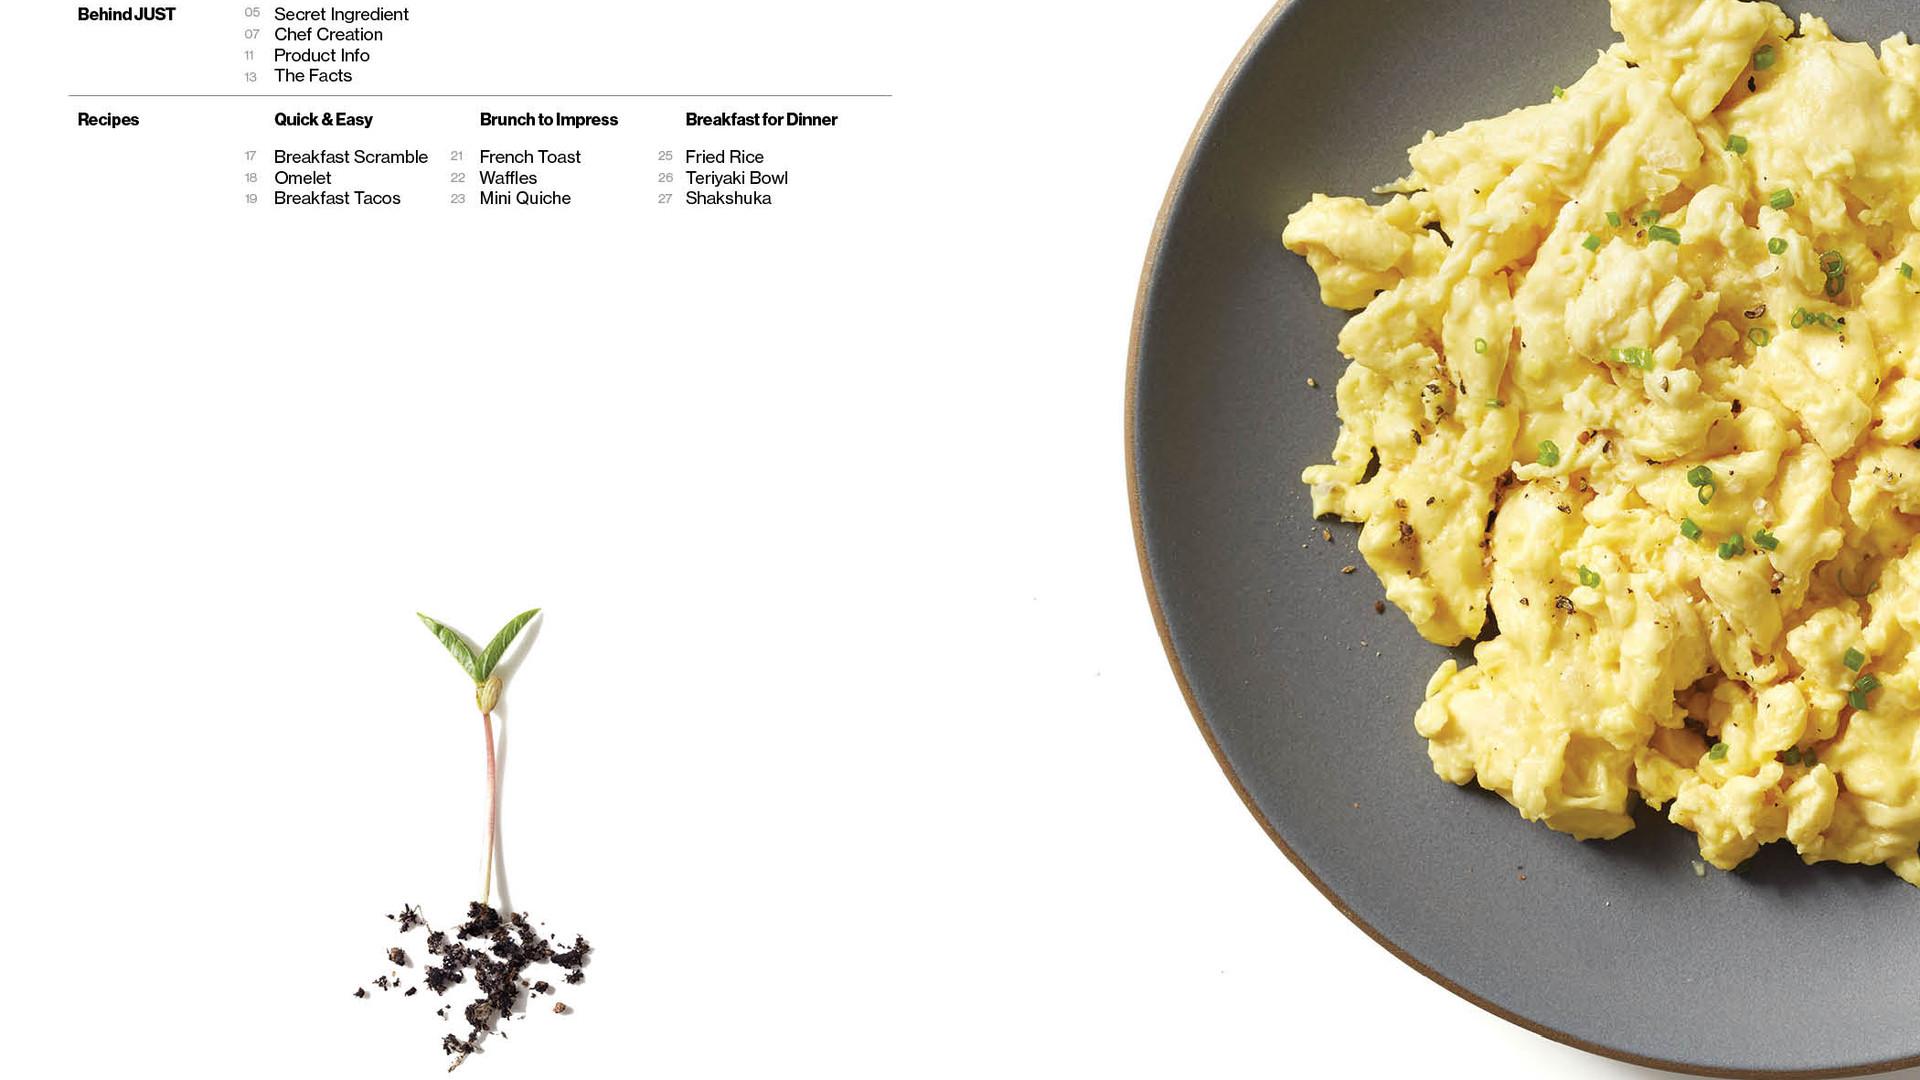 JUST Egg Insider's Guide_Ebook3.jpg